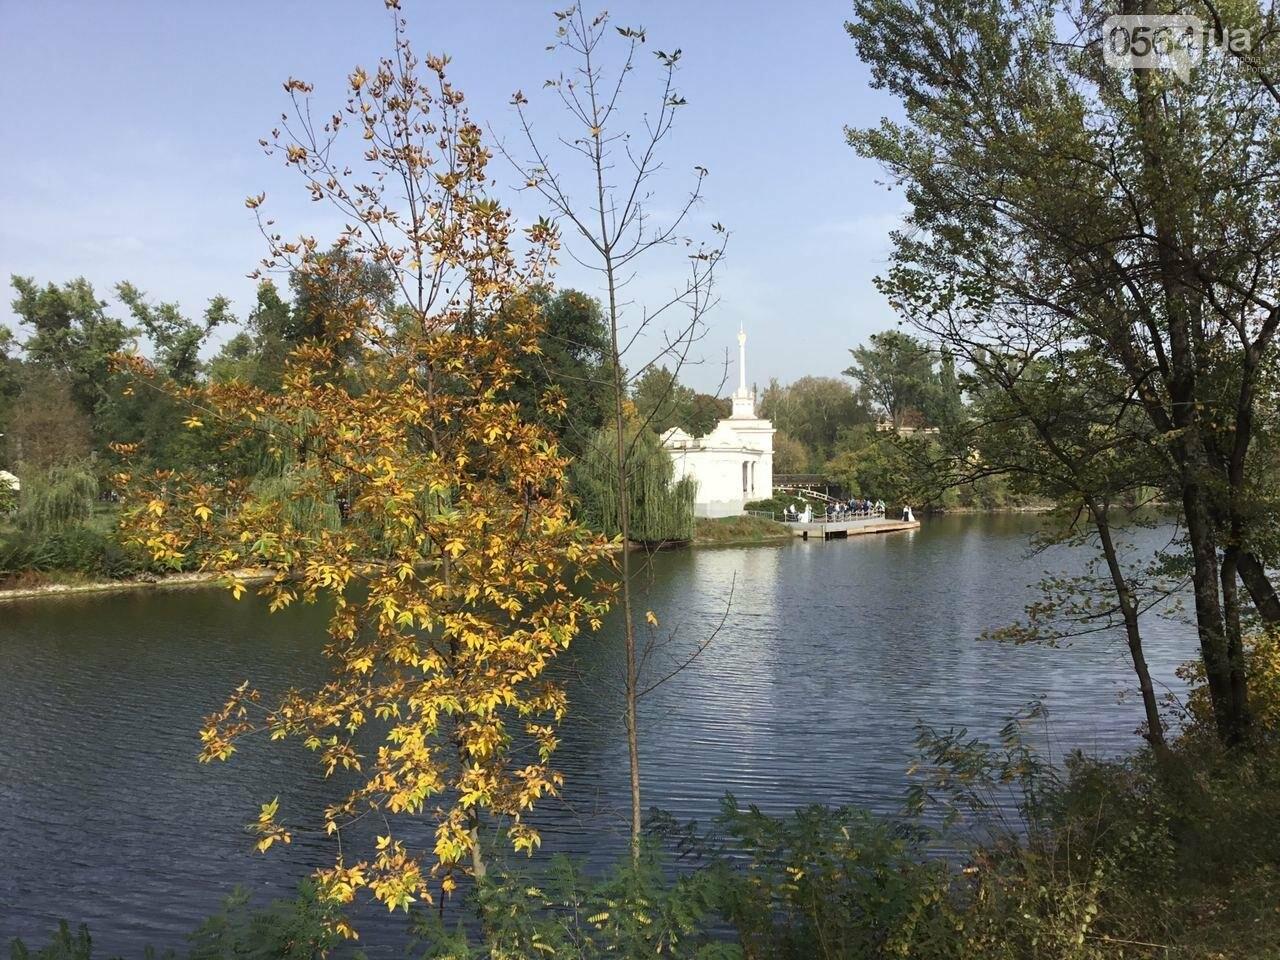 В Гданцевском парке наводят порядок. Как выглядит парк после покоса амброзии, - ФОТО, ВИДЕО, фото-14